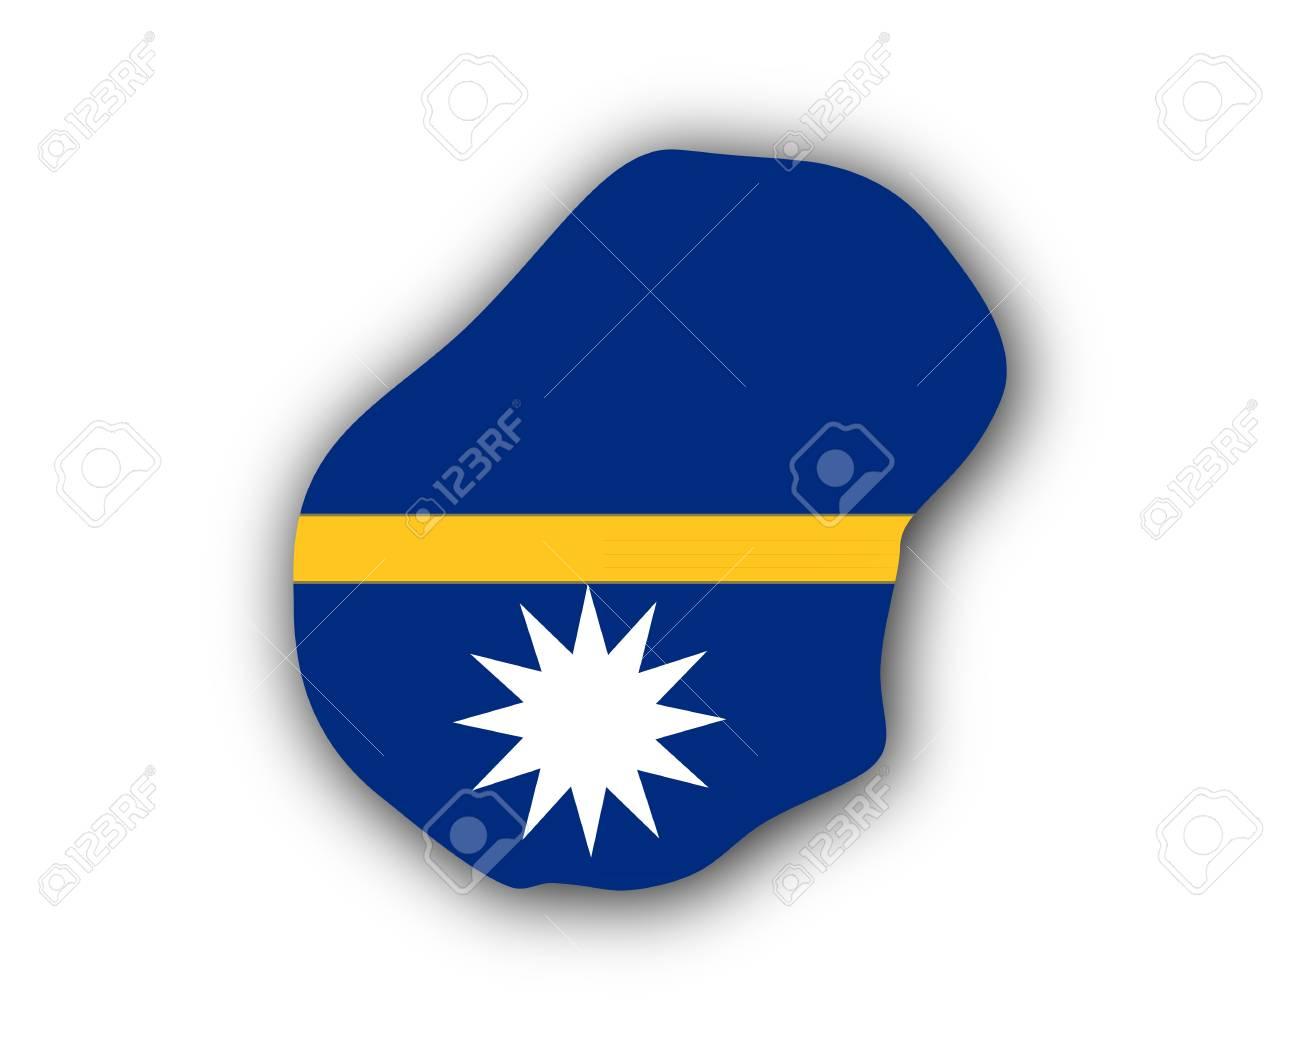 Map And Flag Of Nauru Royalty Free Cliparts Vectors And Stock - Nauru map vector